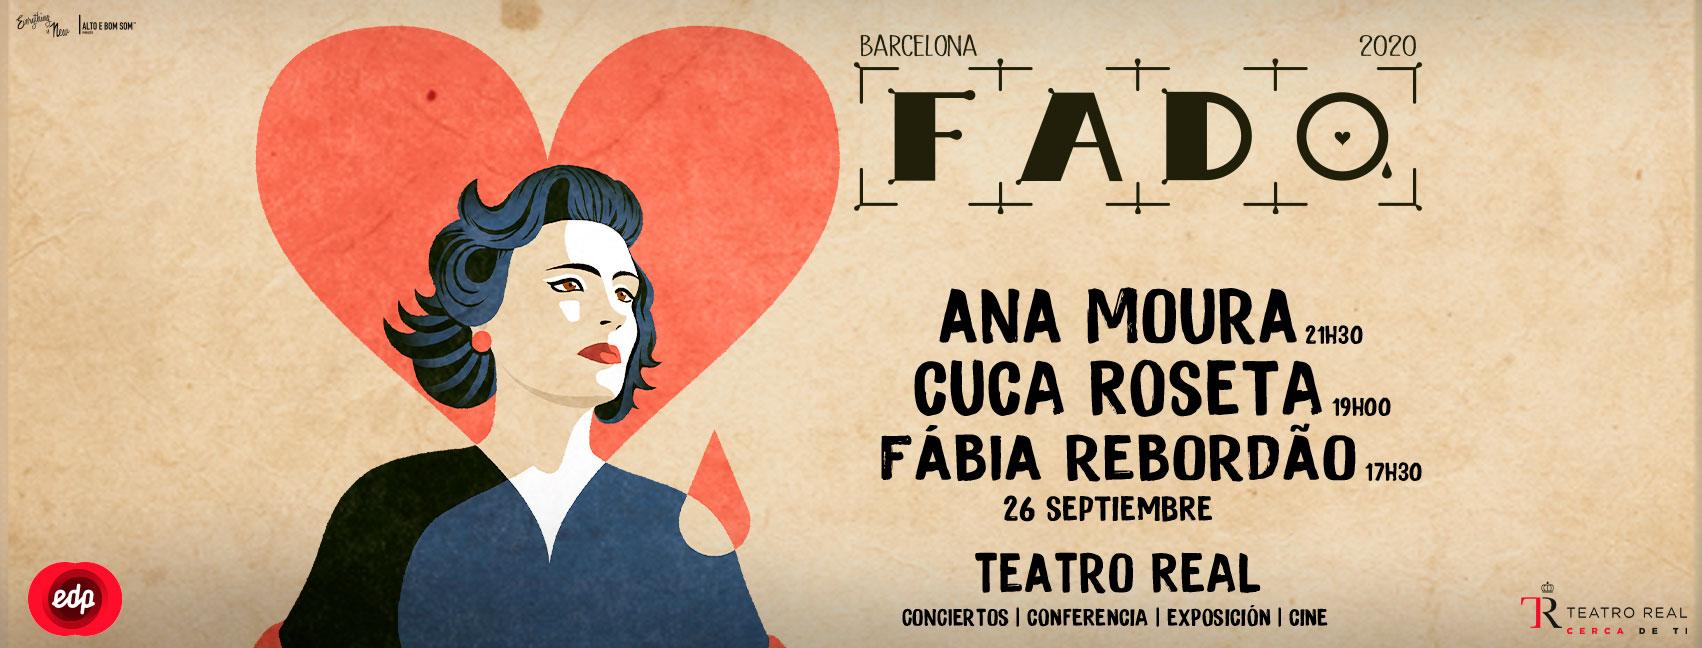 El Festival de Fado de Madrid homenajea a Amália